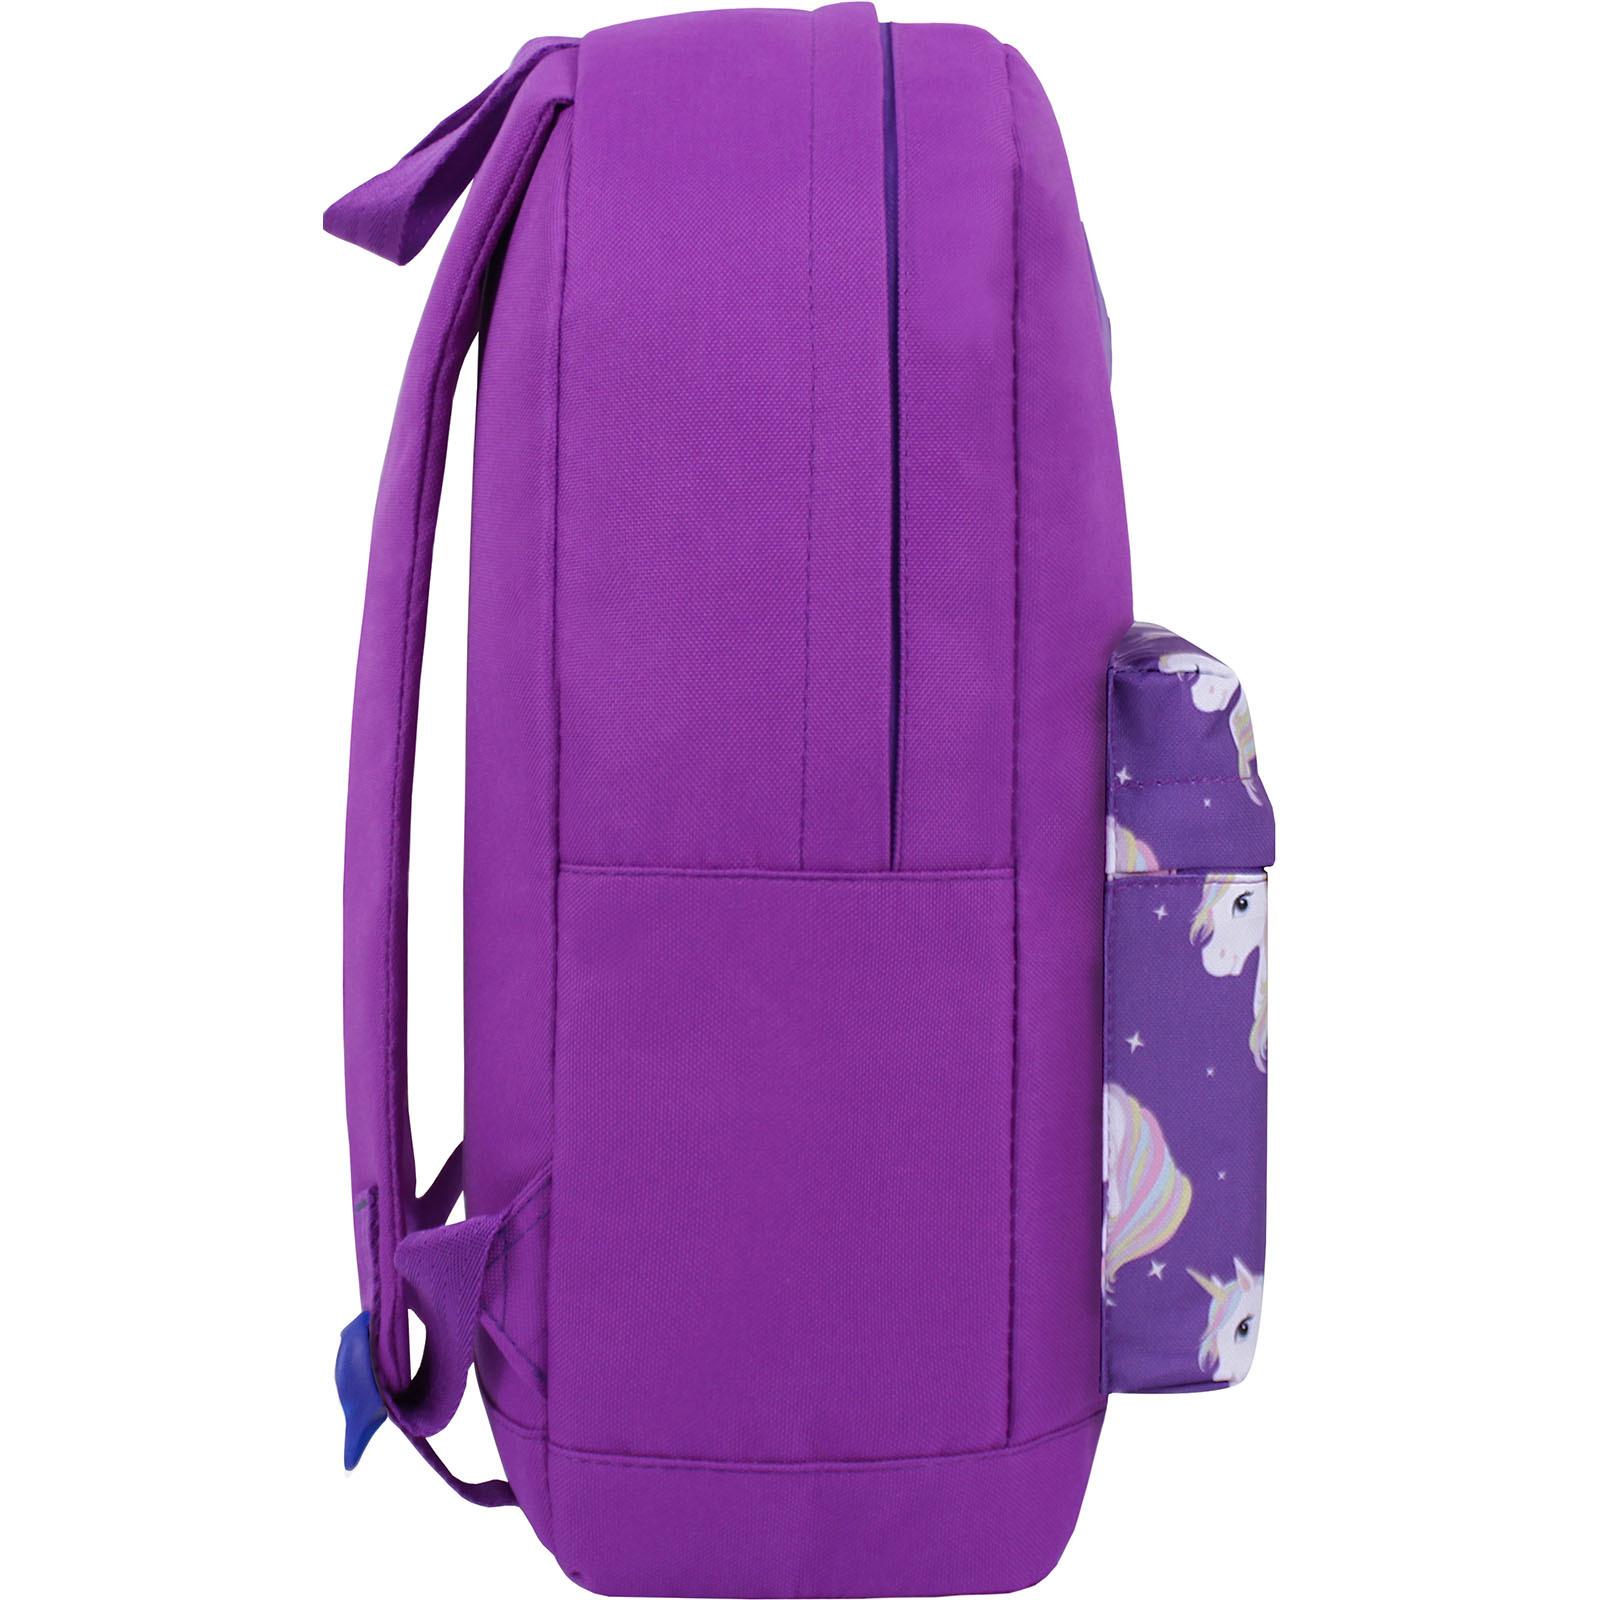 Рюкзак Bagland Молодежный W/R 17 л. 170 Фиолетовый 747 (00533662) фото 2